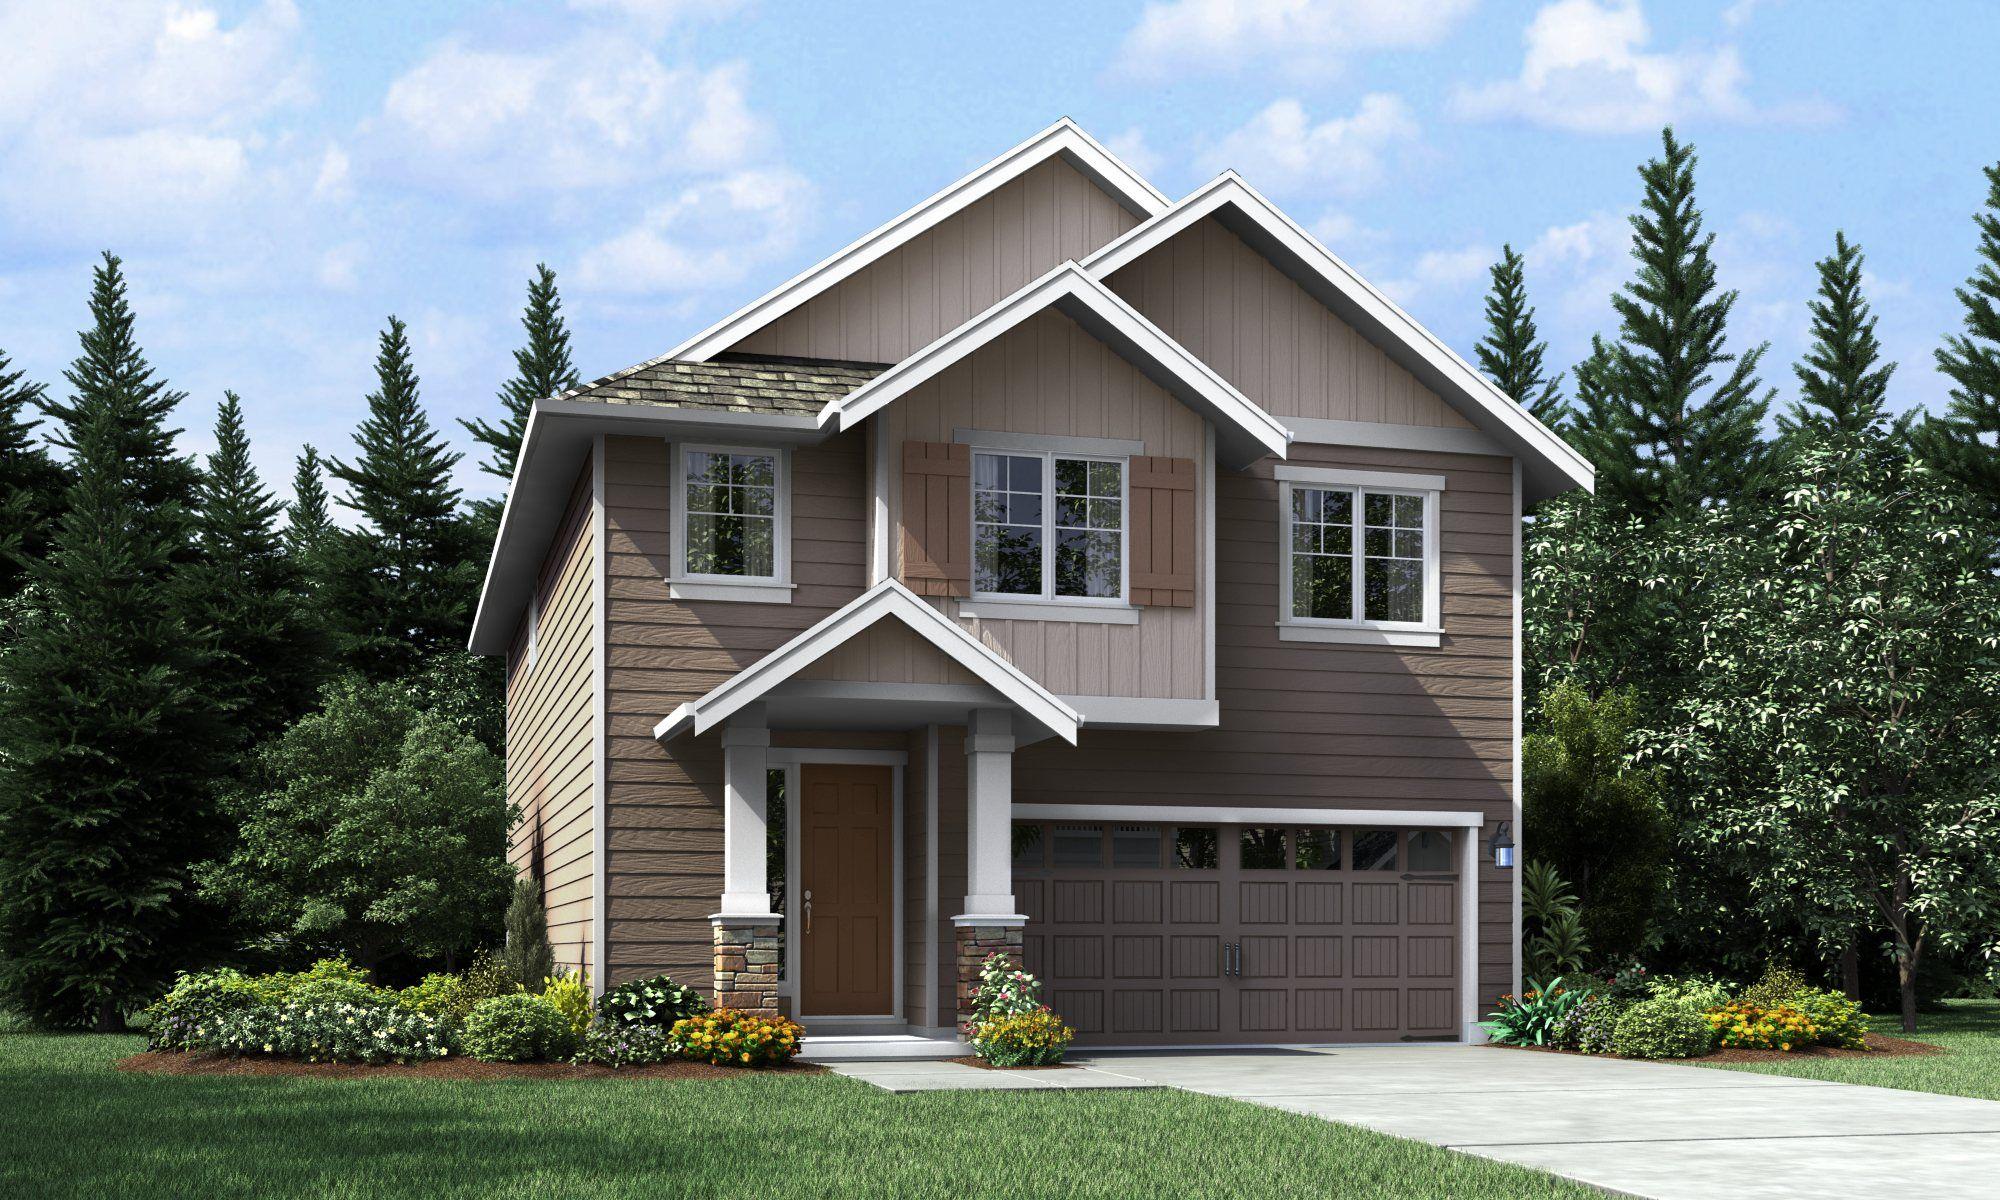 Aspen Plan, Renton, Washington 98058